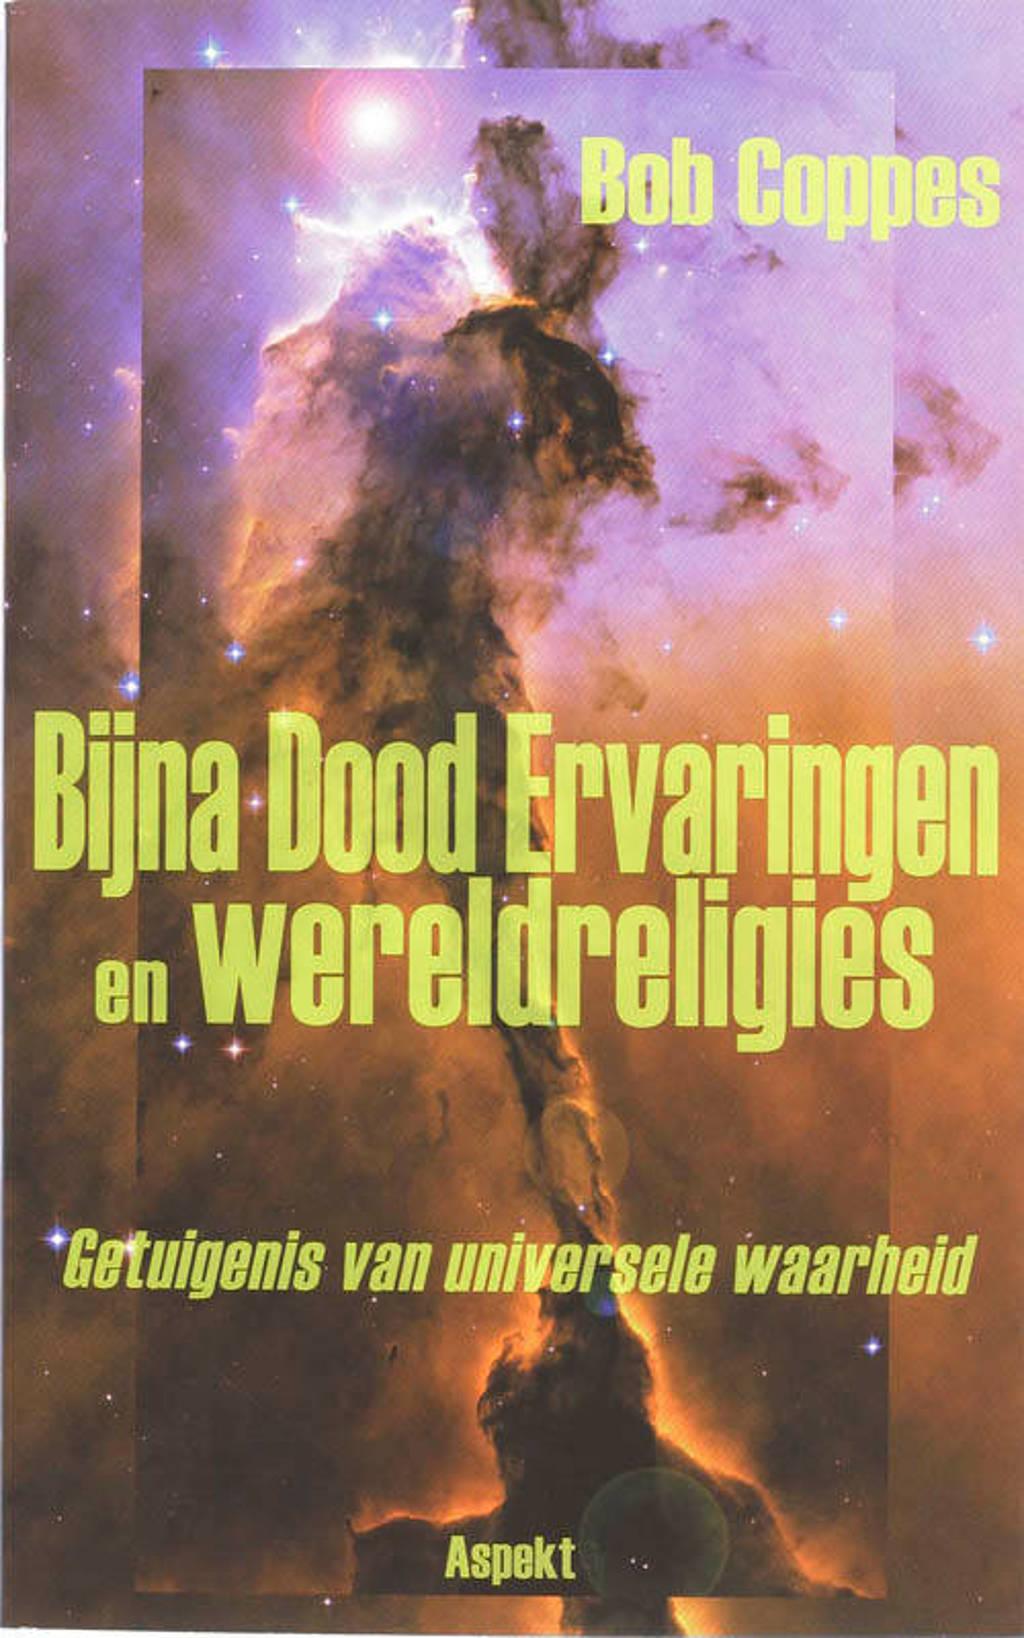 Bijna Dood Ervaringen en wereldreligies - B. Coppes